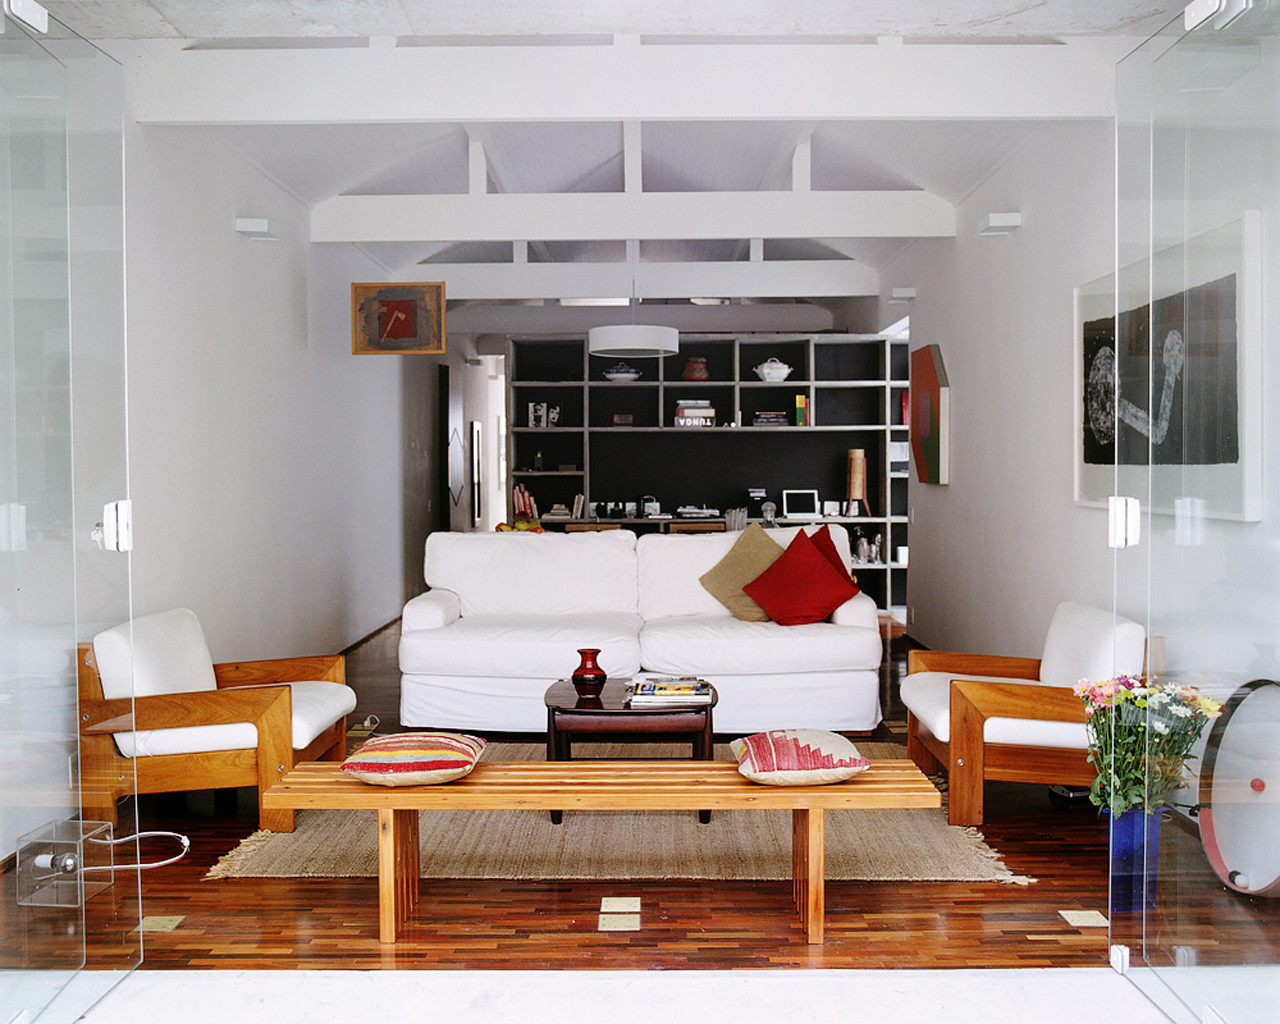 Casa Lapa / Zemel + Chalabi Arquitectos, © Pedro Kok